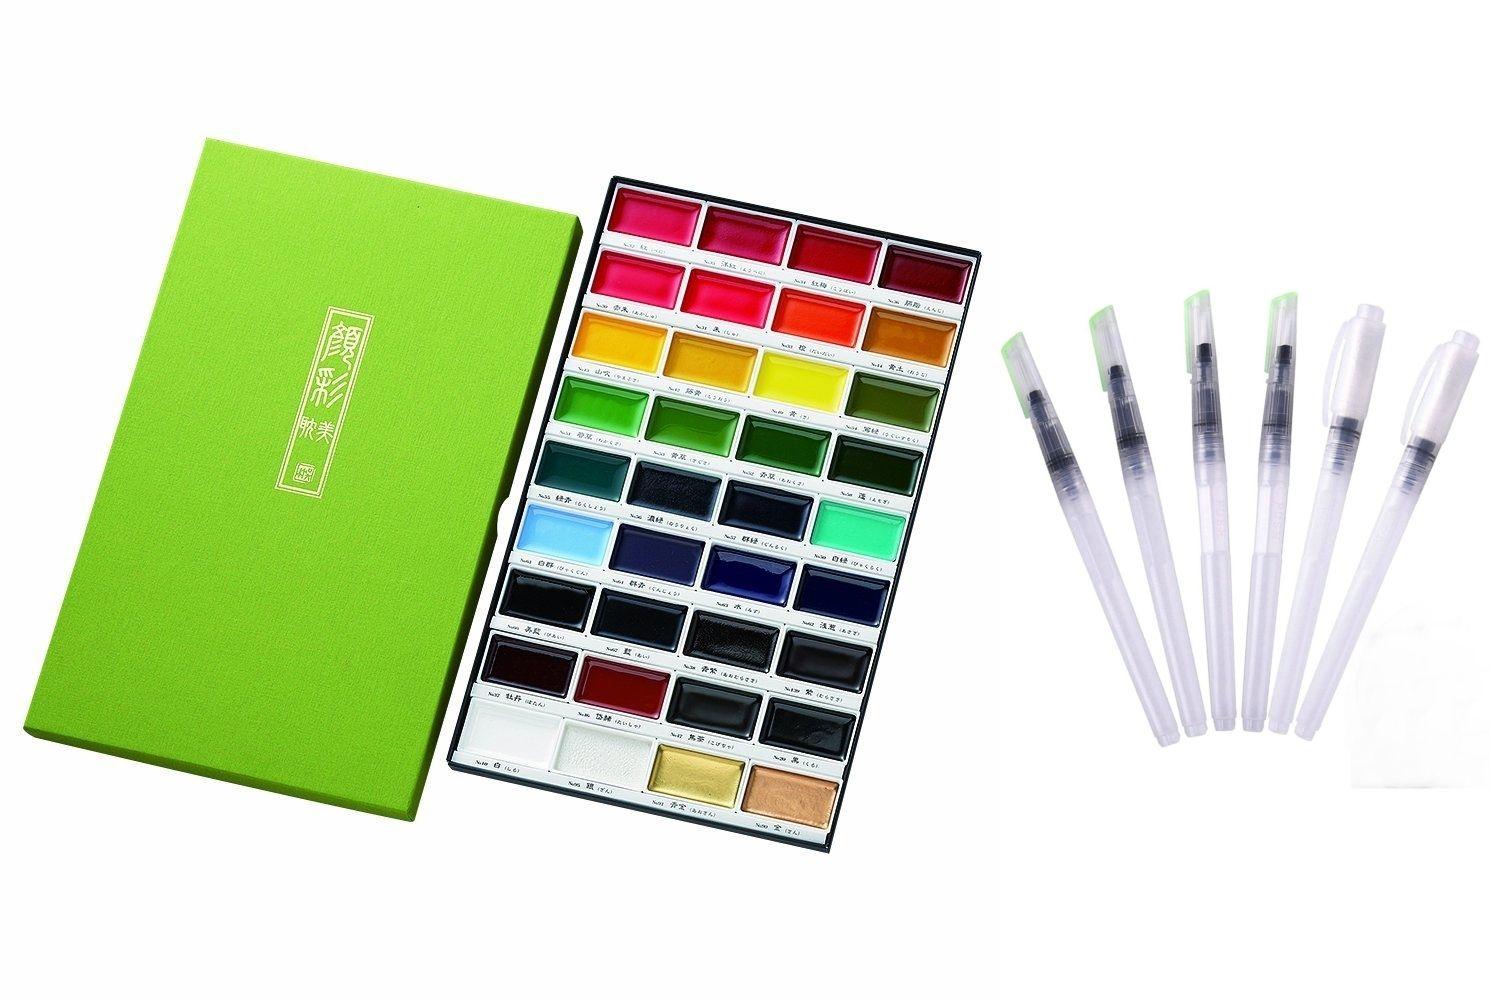 Kuretake Gansai Tambi الصلبة المياه اللون 36 مجموعة زائد 6 المياه اللون فرشاة مجموعة أقلام كبيرة المائية مجموعة أدوات رسم-في ألوان مائية من لوازم المكتب واللوازم المدرسية على  مجموعة 1